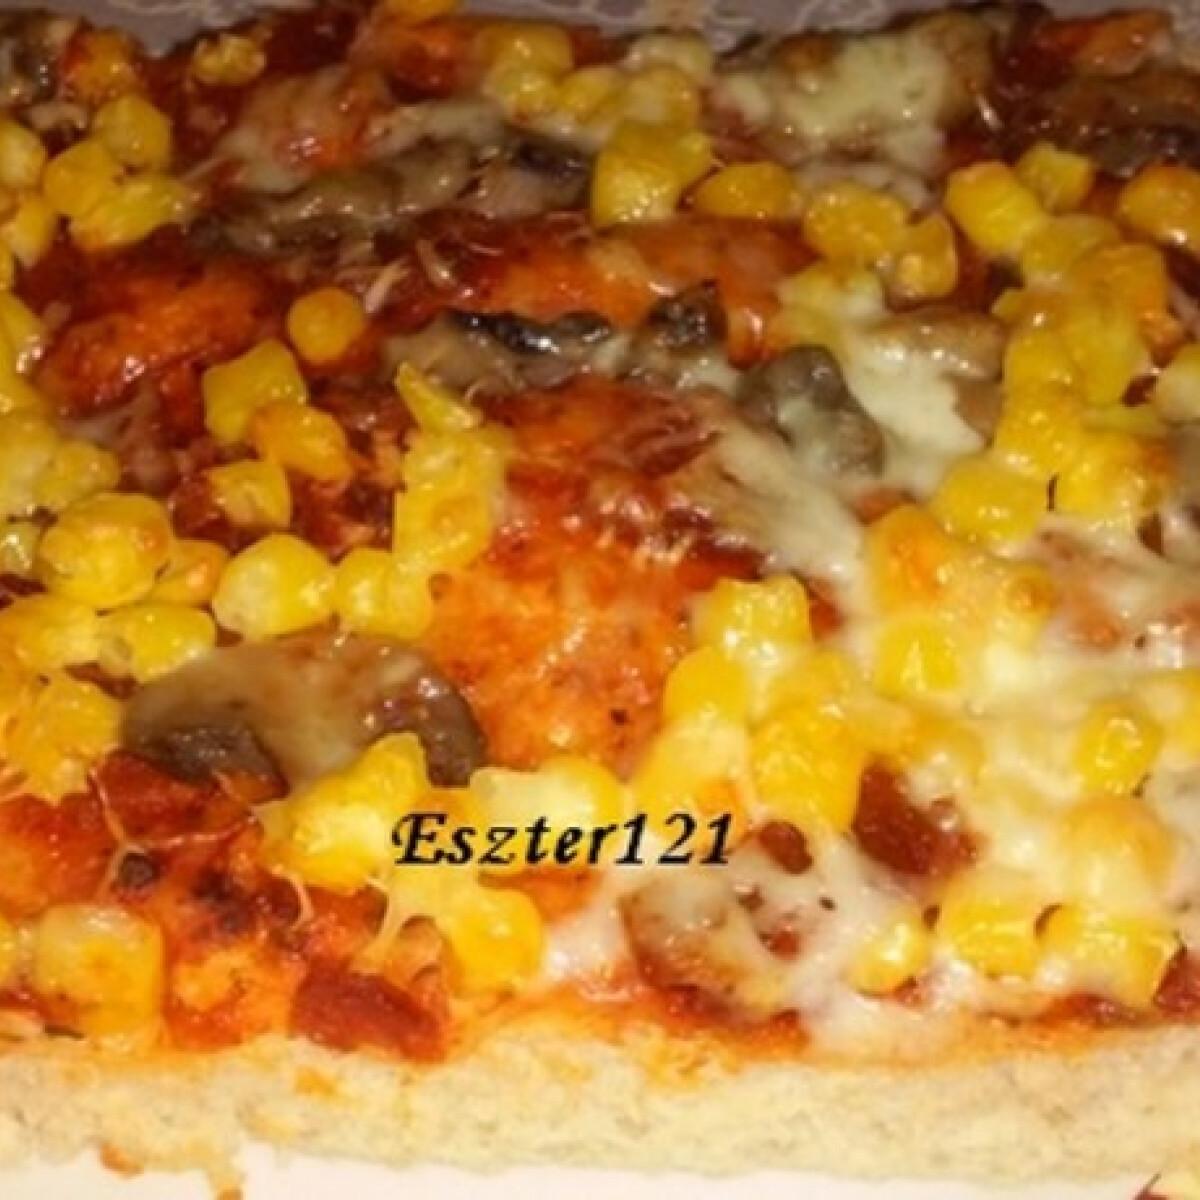 Pizzatészta szósszal Eszter konyhájából